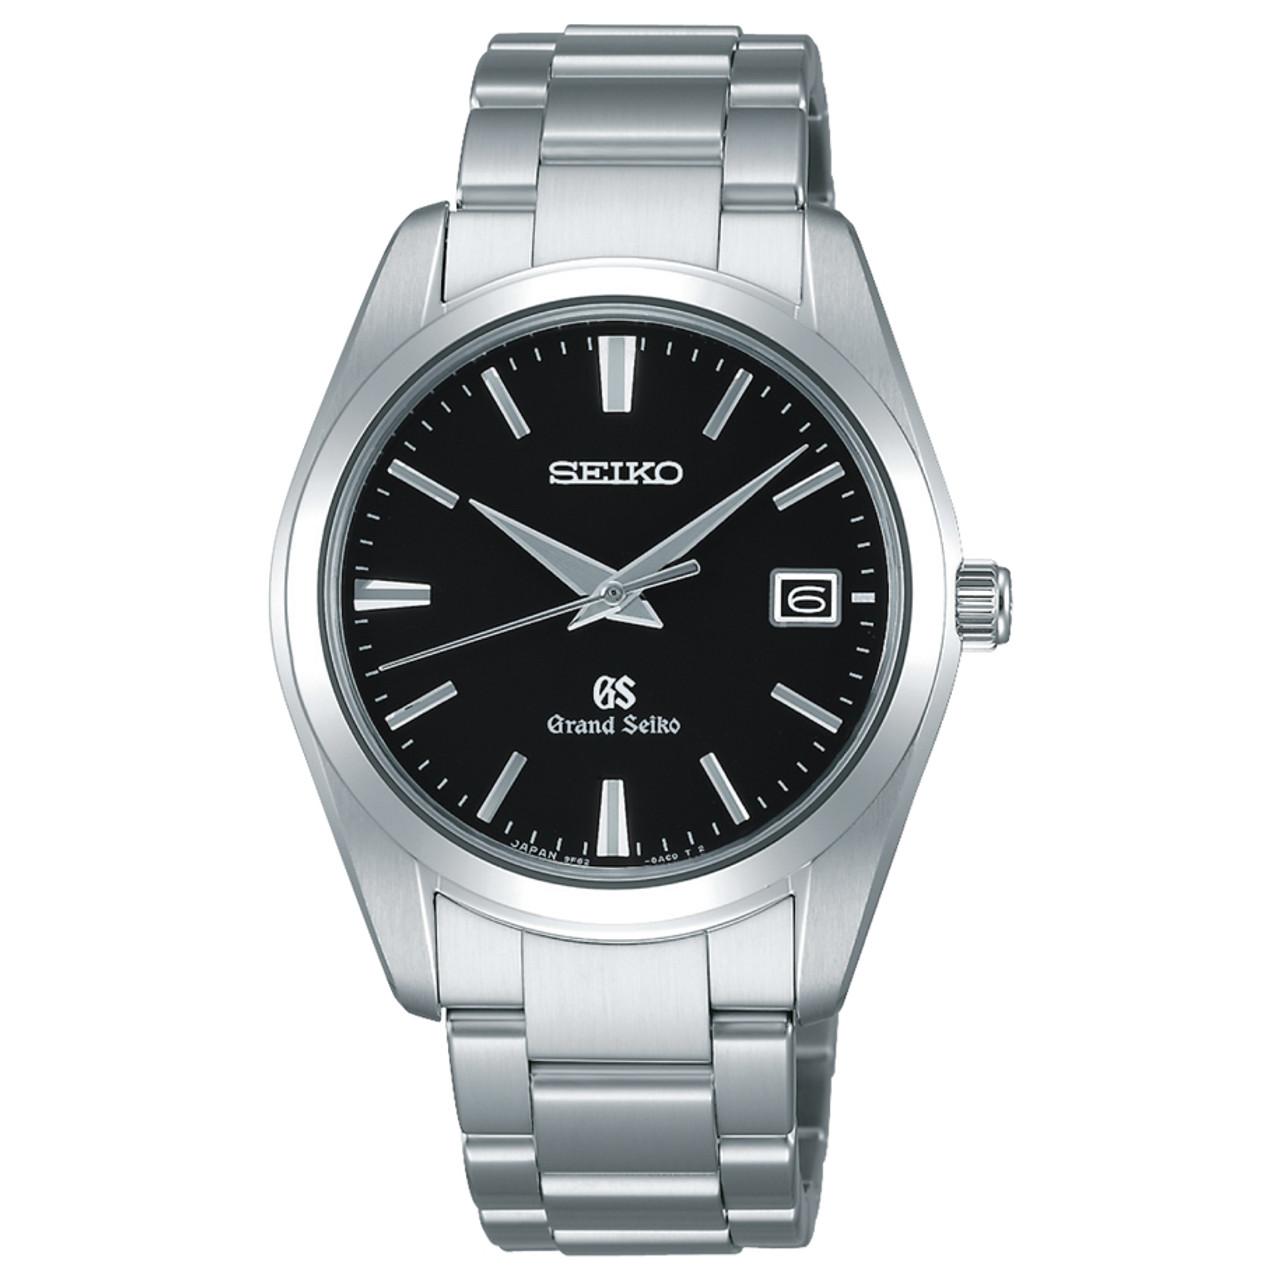 promo code 905ef 6a1ea Grand Seiko Quartz SBGX061